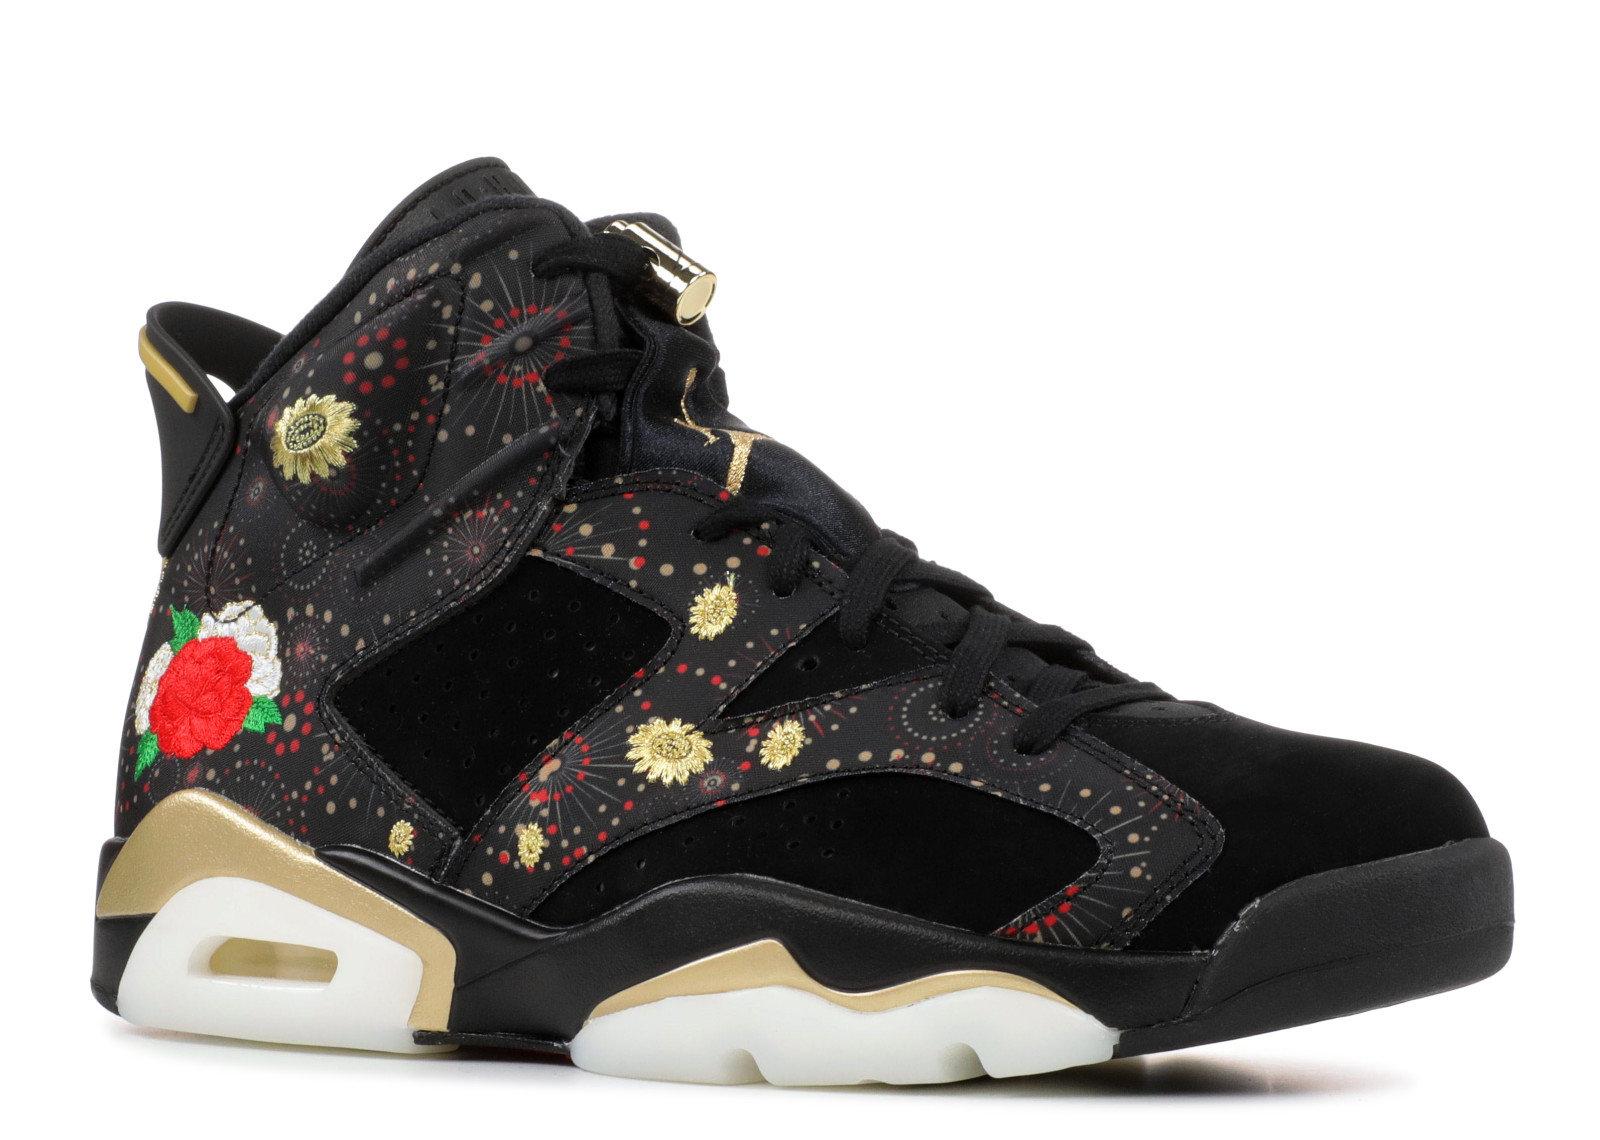 low priced 94d14 af736 Nike Air Jordan 6 Retro